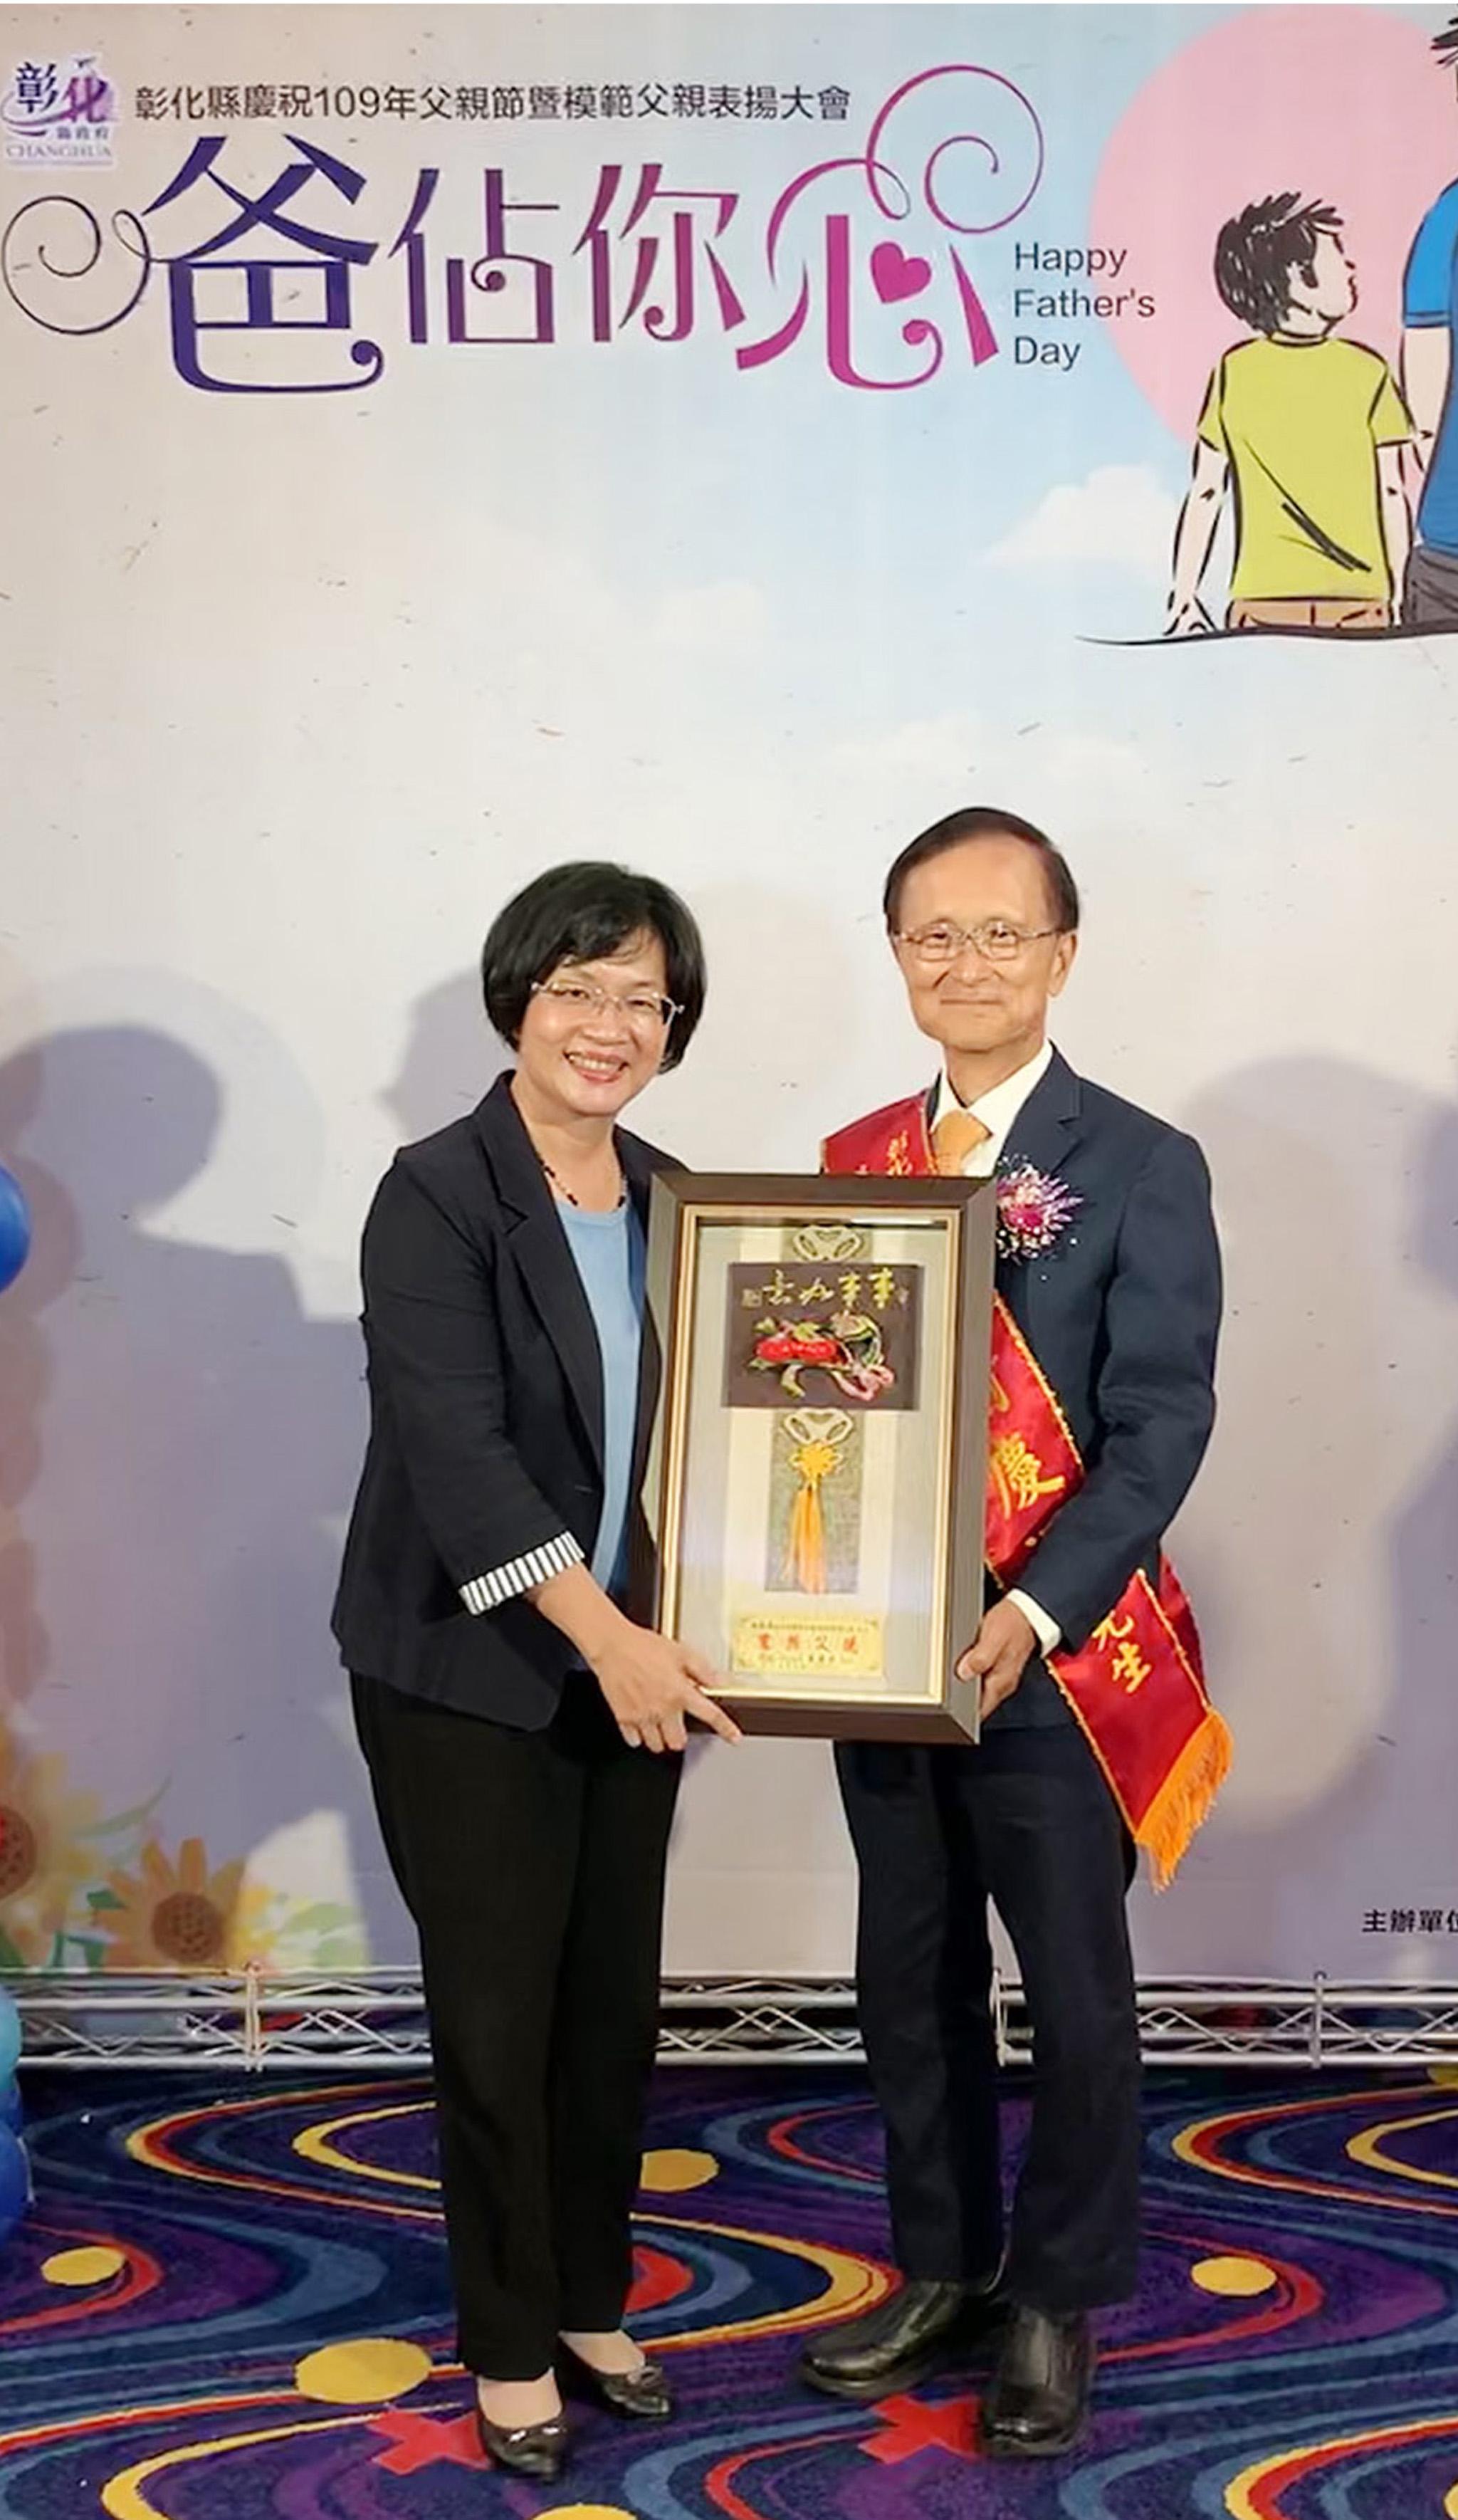 謝會長(右)喜獲模範父親表揚,與彰化縣長王惠美(左)合影。